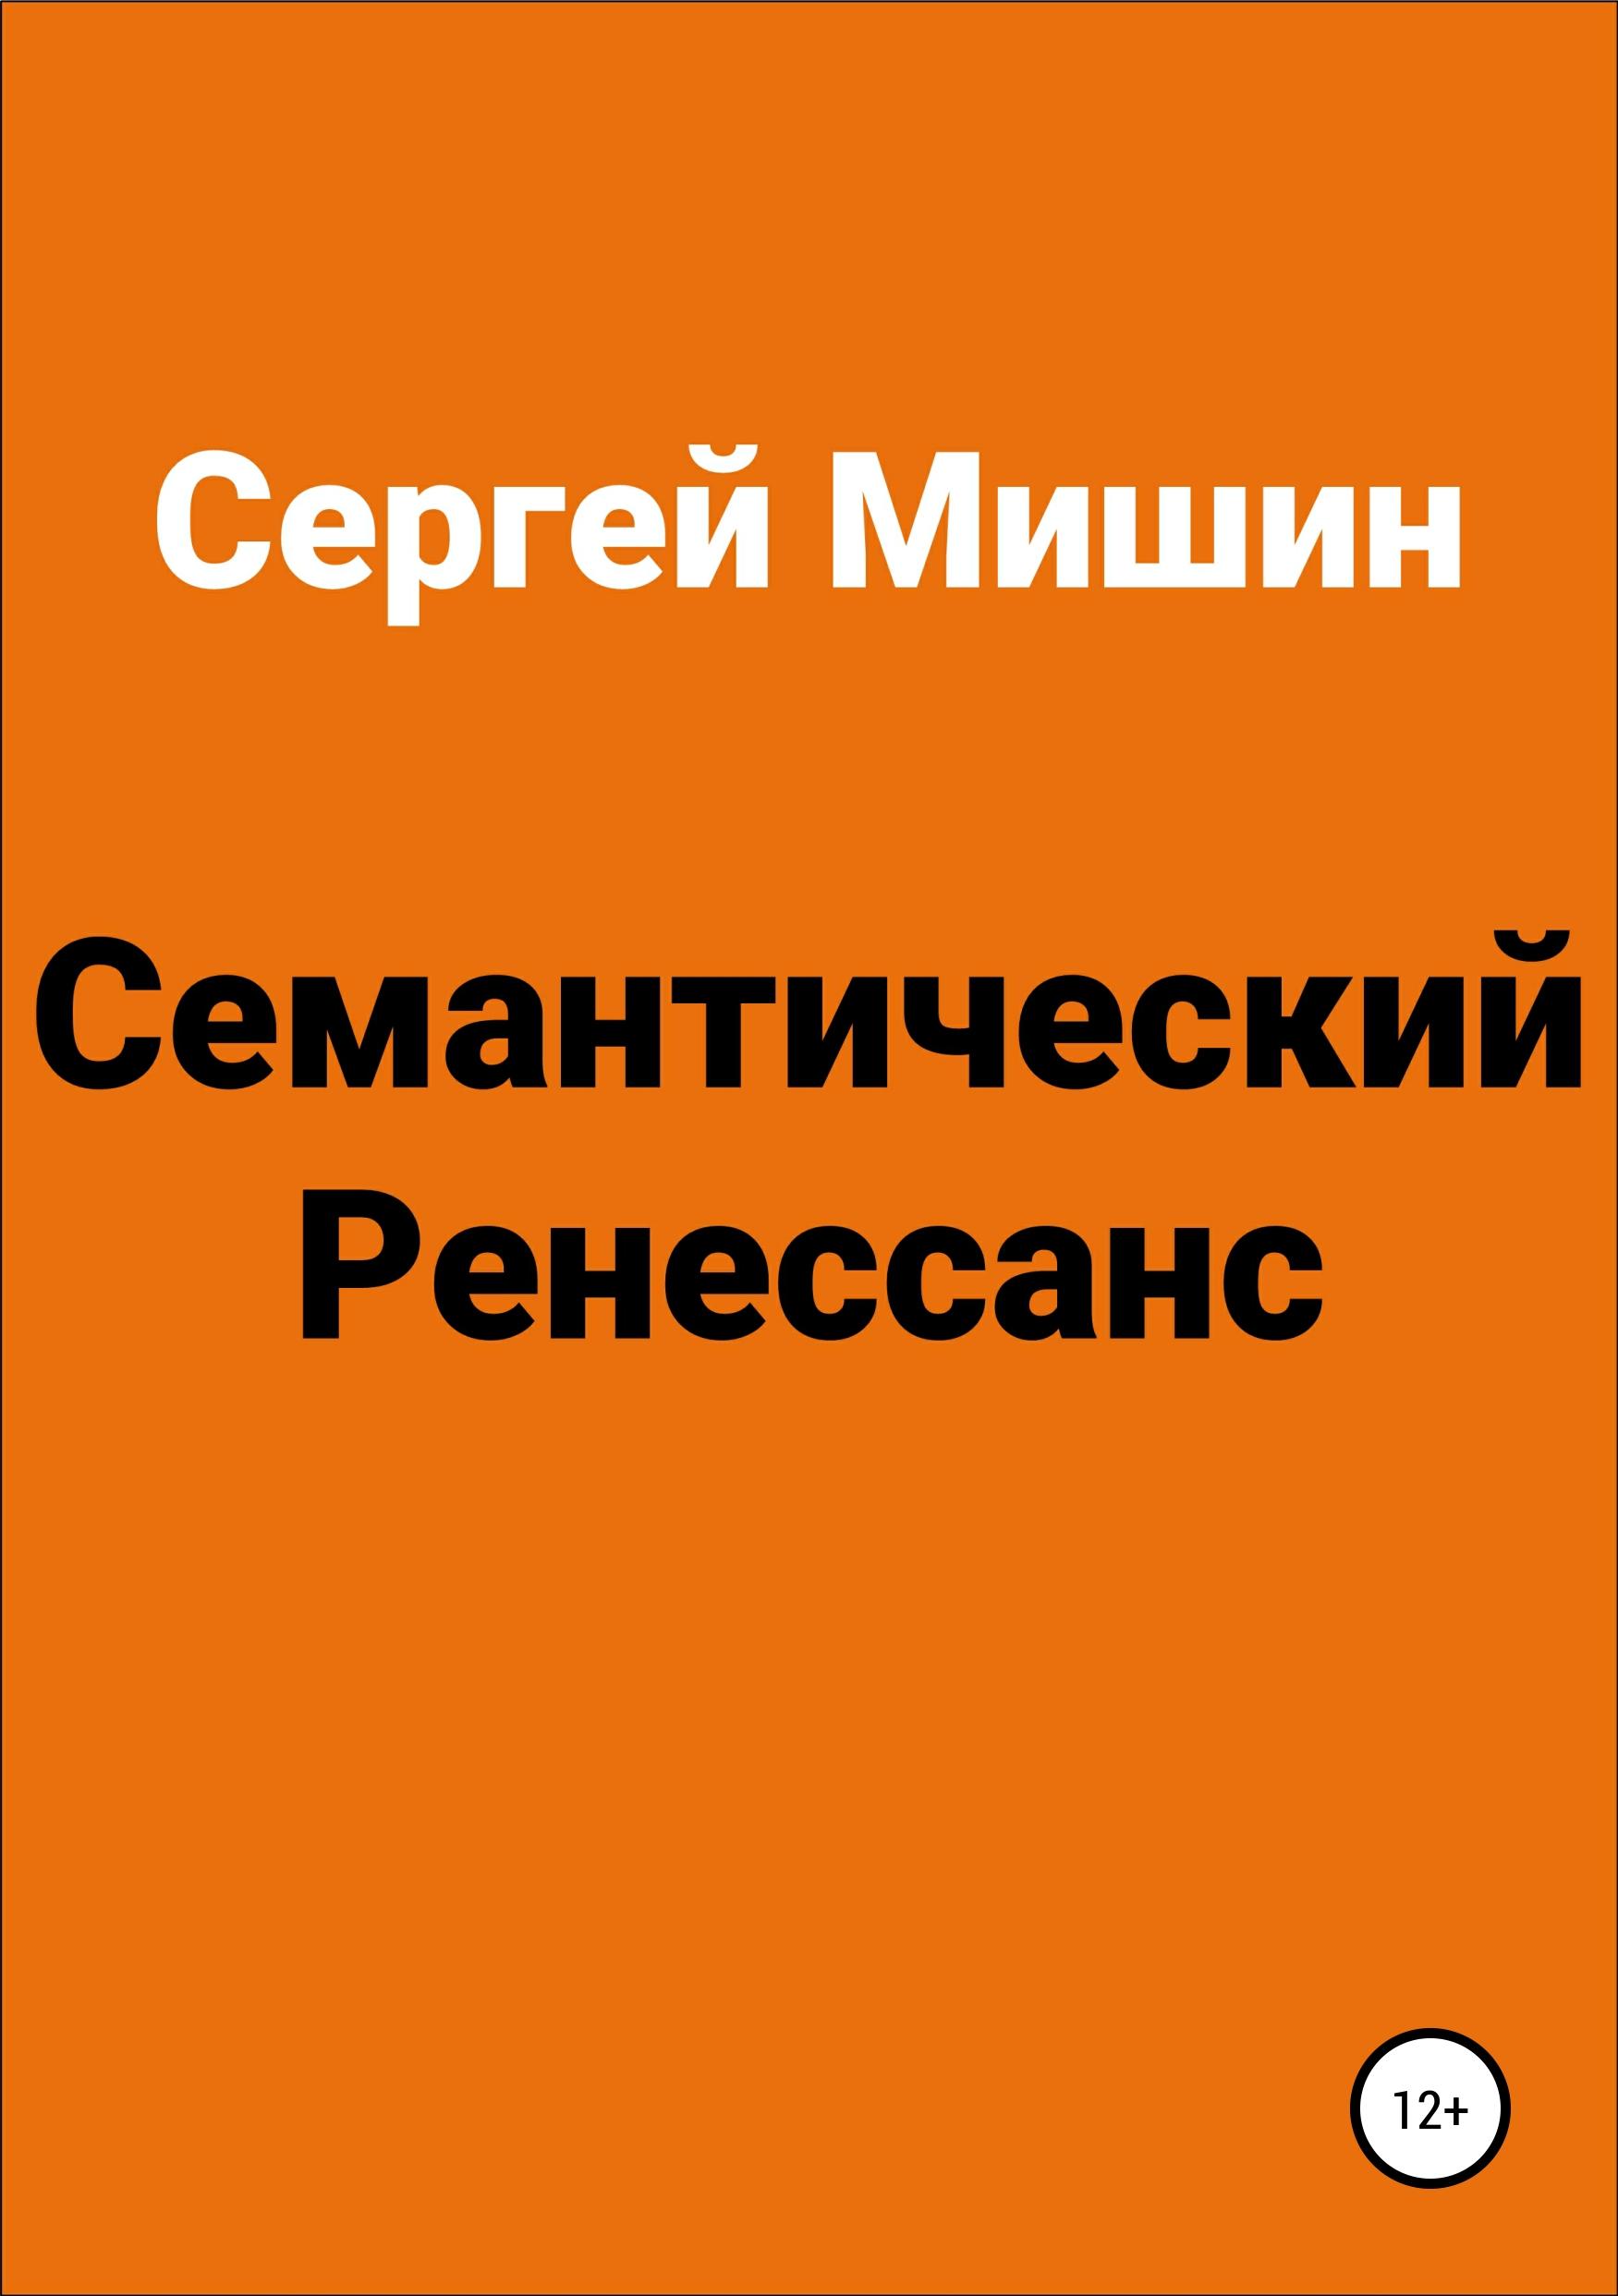 Обложка книги Семантический Ренессанс